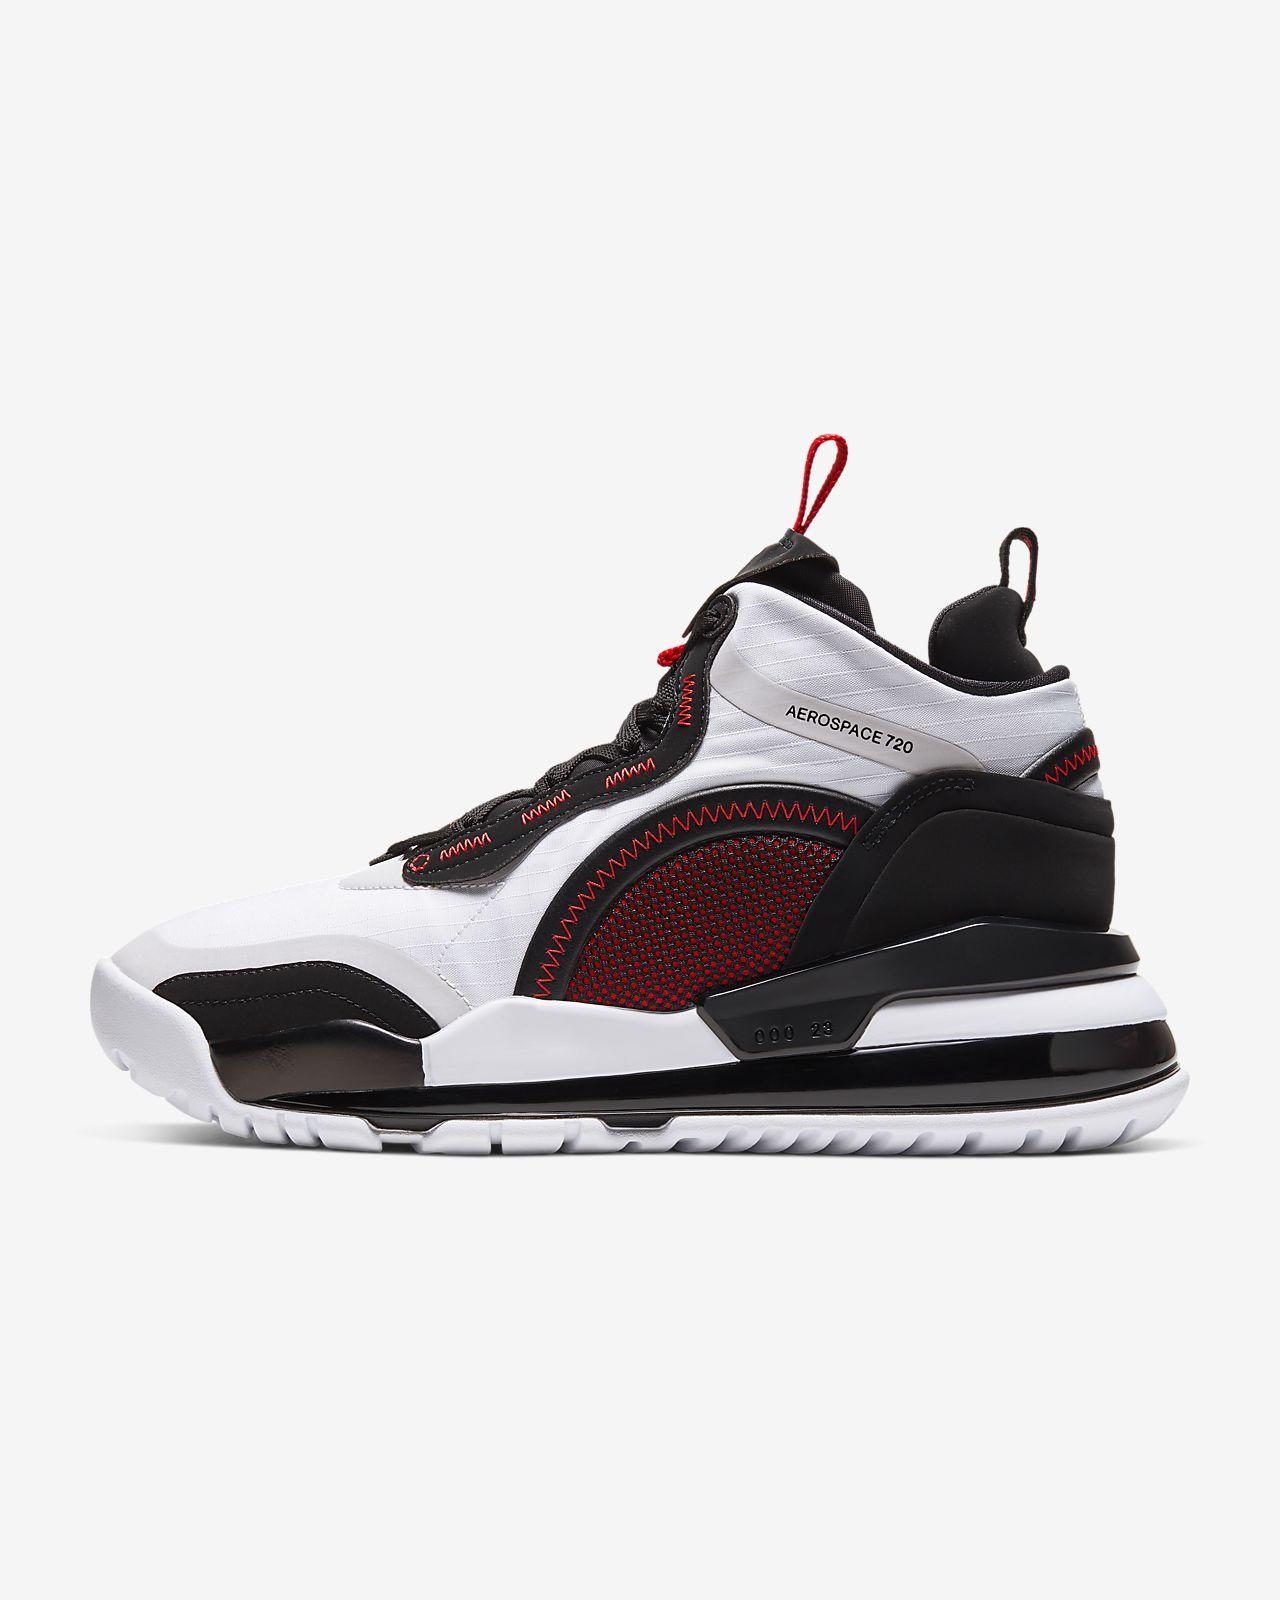 Chaussure Jordan Aerospace 720 pour Homme